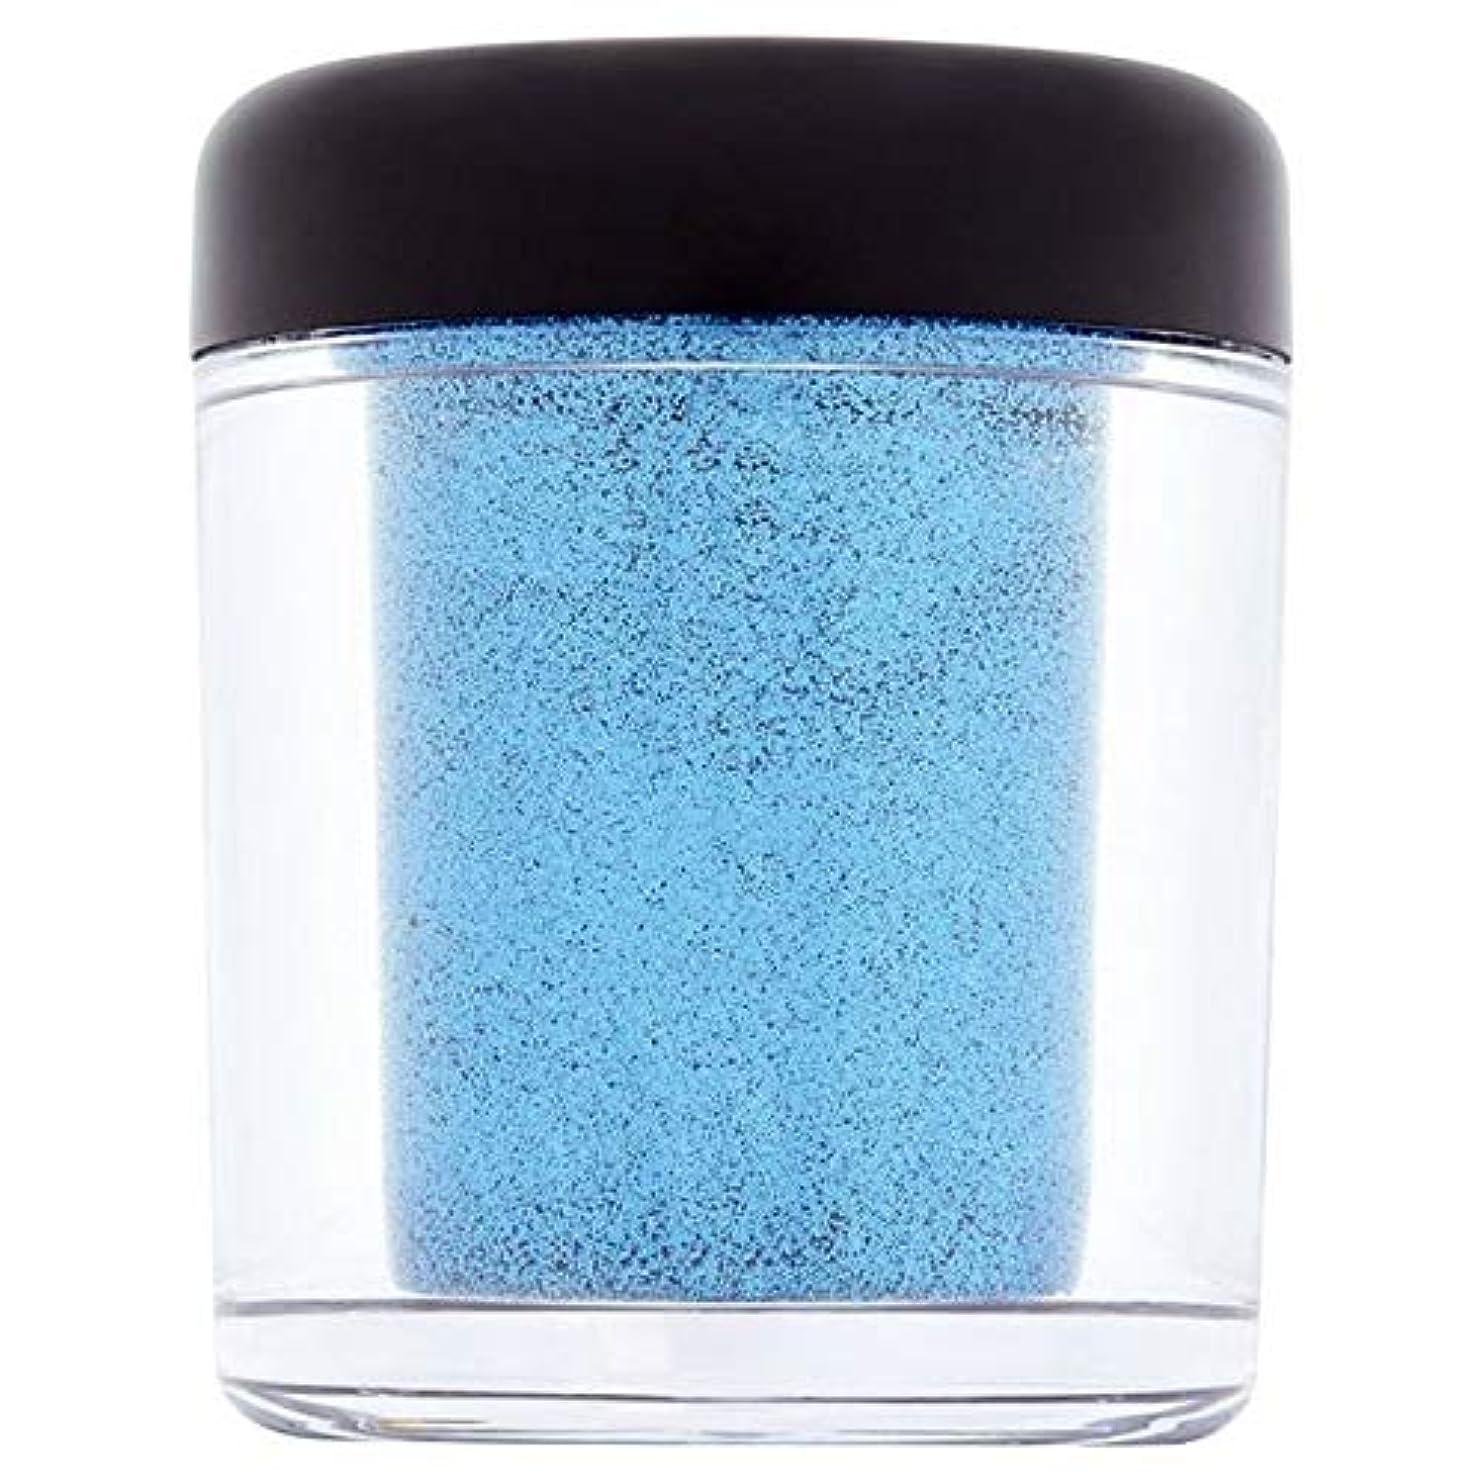 好意洗う目的[Collection ] 収集グラムの結晶フェイス&ボディグリッタースプラッシュ6 - Collection Glam Crystals Face & Body Glitter Splash 6 [並行輸入品]